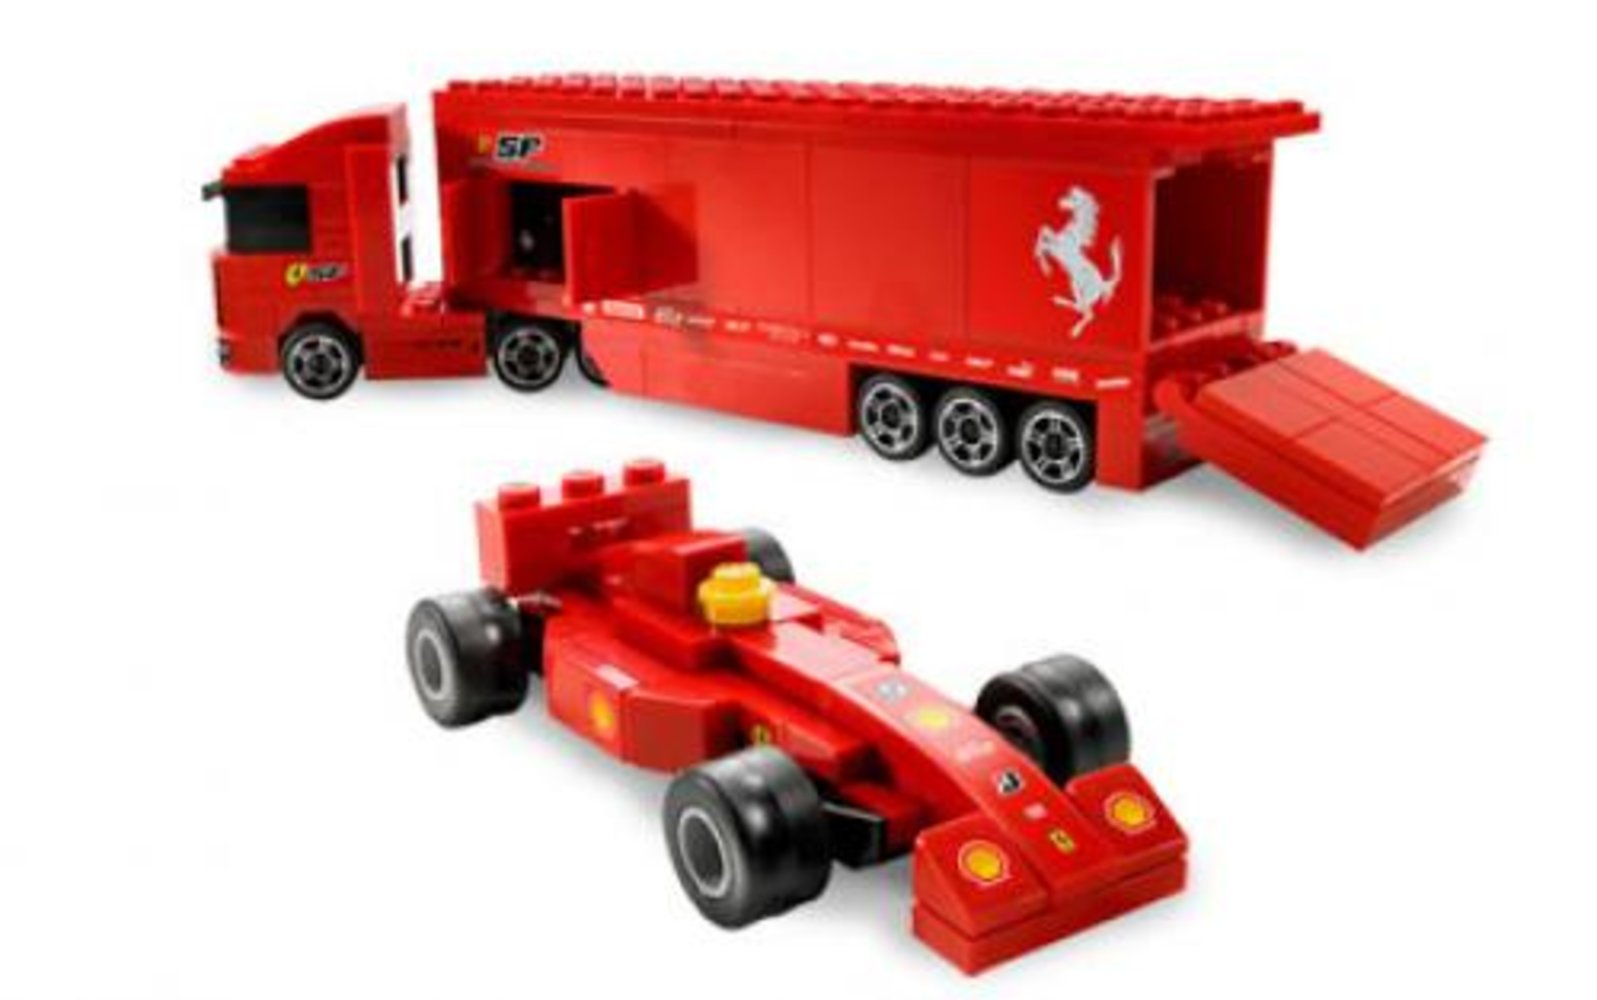 Ferrari F1 Truck 1:55